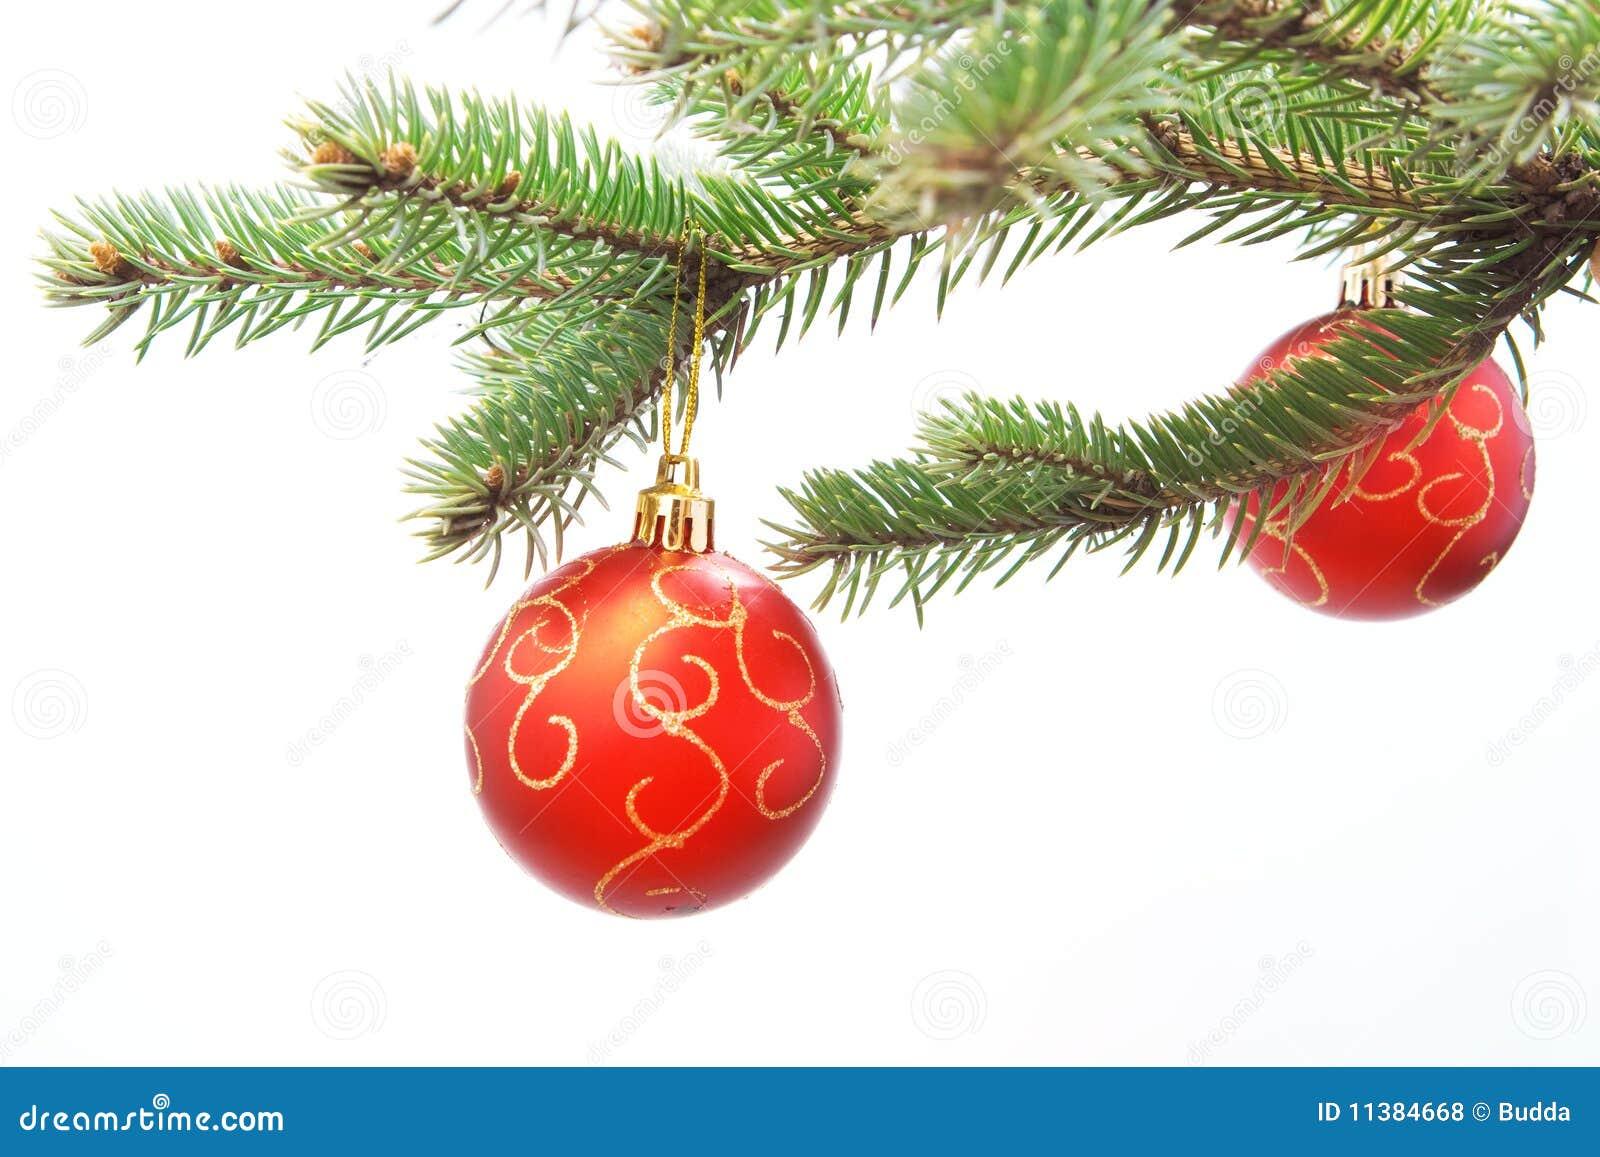 Weihnachtskugeln auf tannenzweig lizenzfreie stockfotos for Weihnachtskugeln bilder